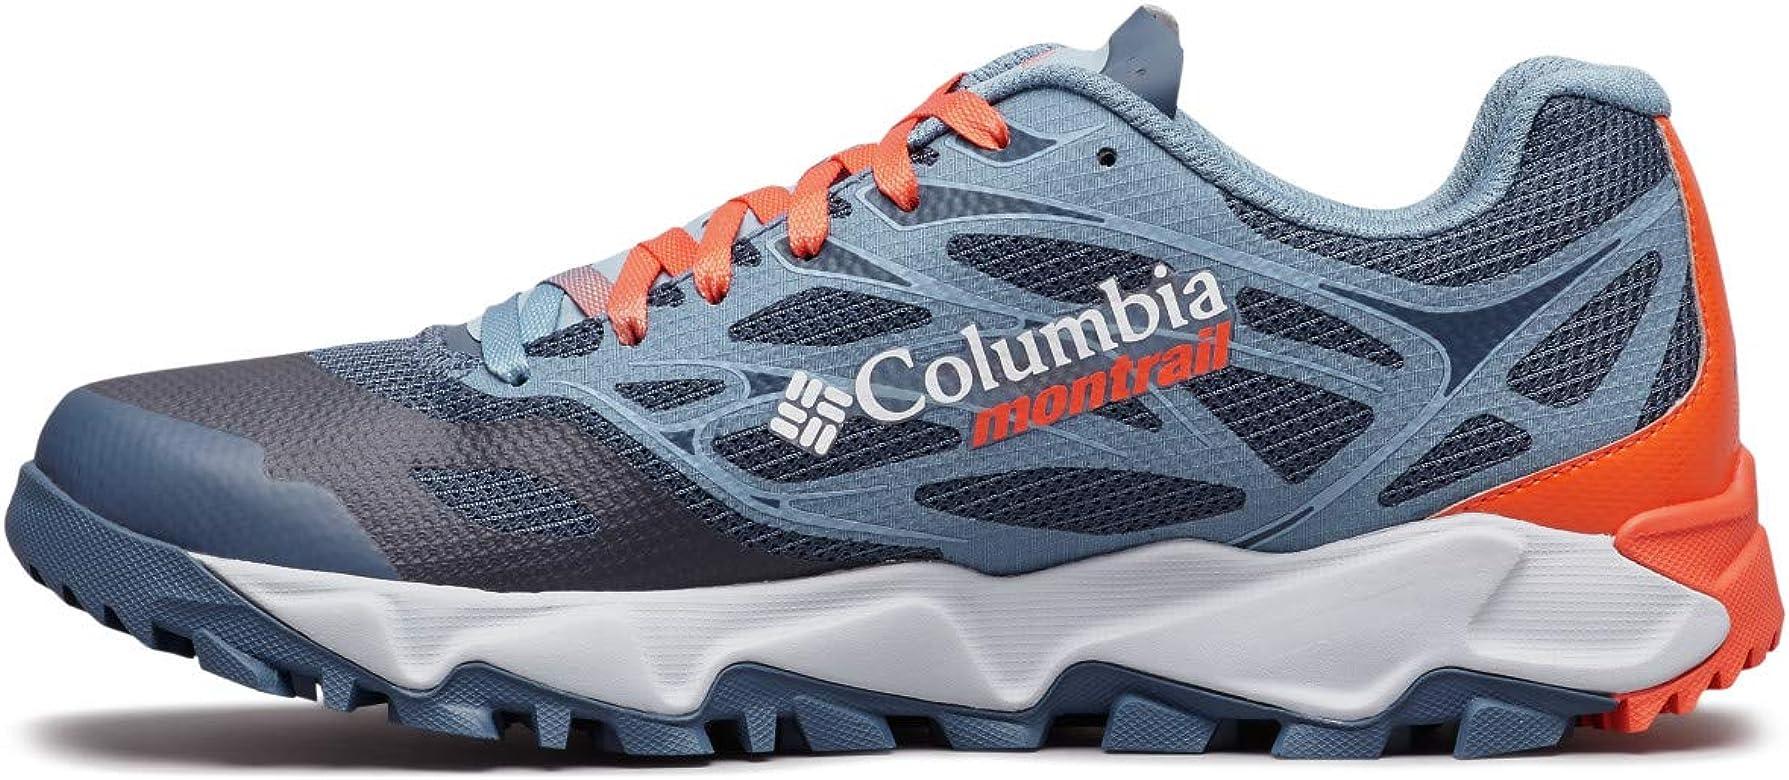 Columbia Trans Alps F.k.t. II, Zapatillas de Trail Running para Hombre: Amazon.es: Zapatos y complementos